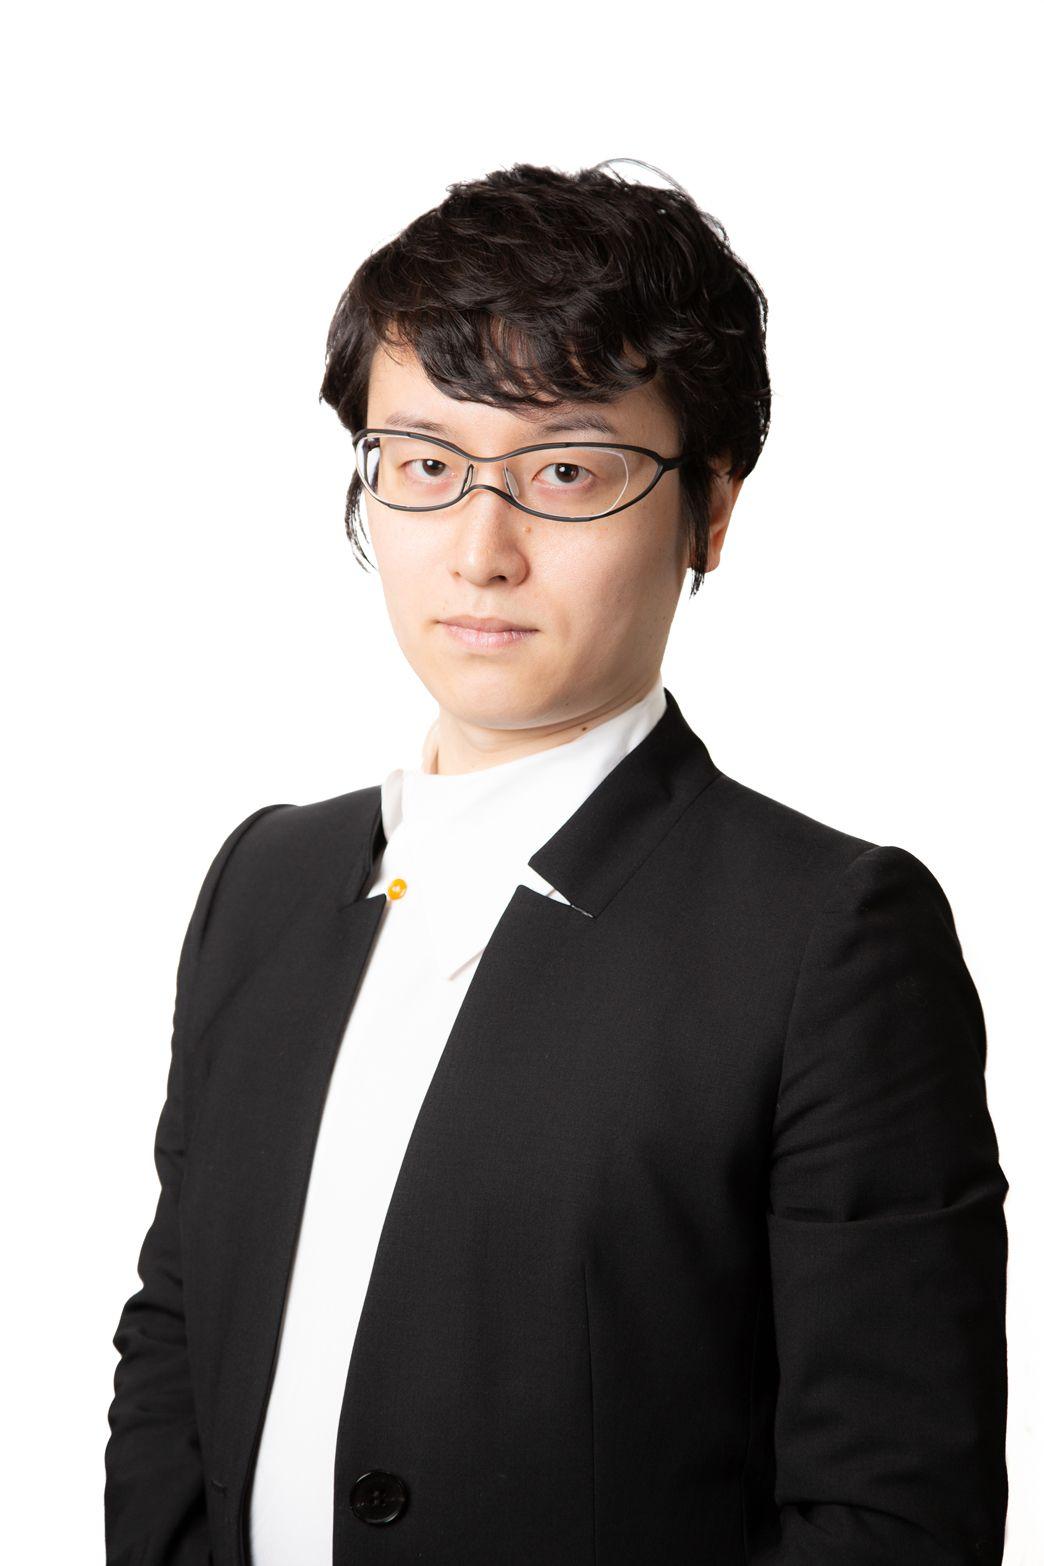 『リネージュM』公式番組「リネージュM 話せる島通信」が4月25日(木)配信!